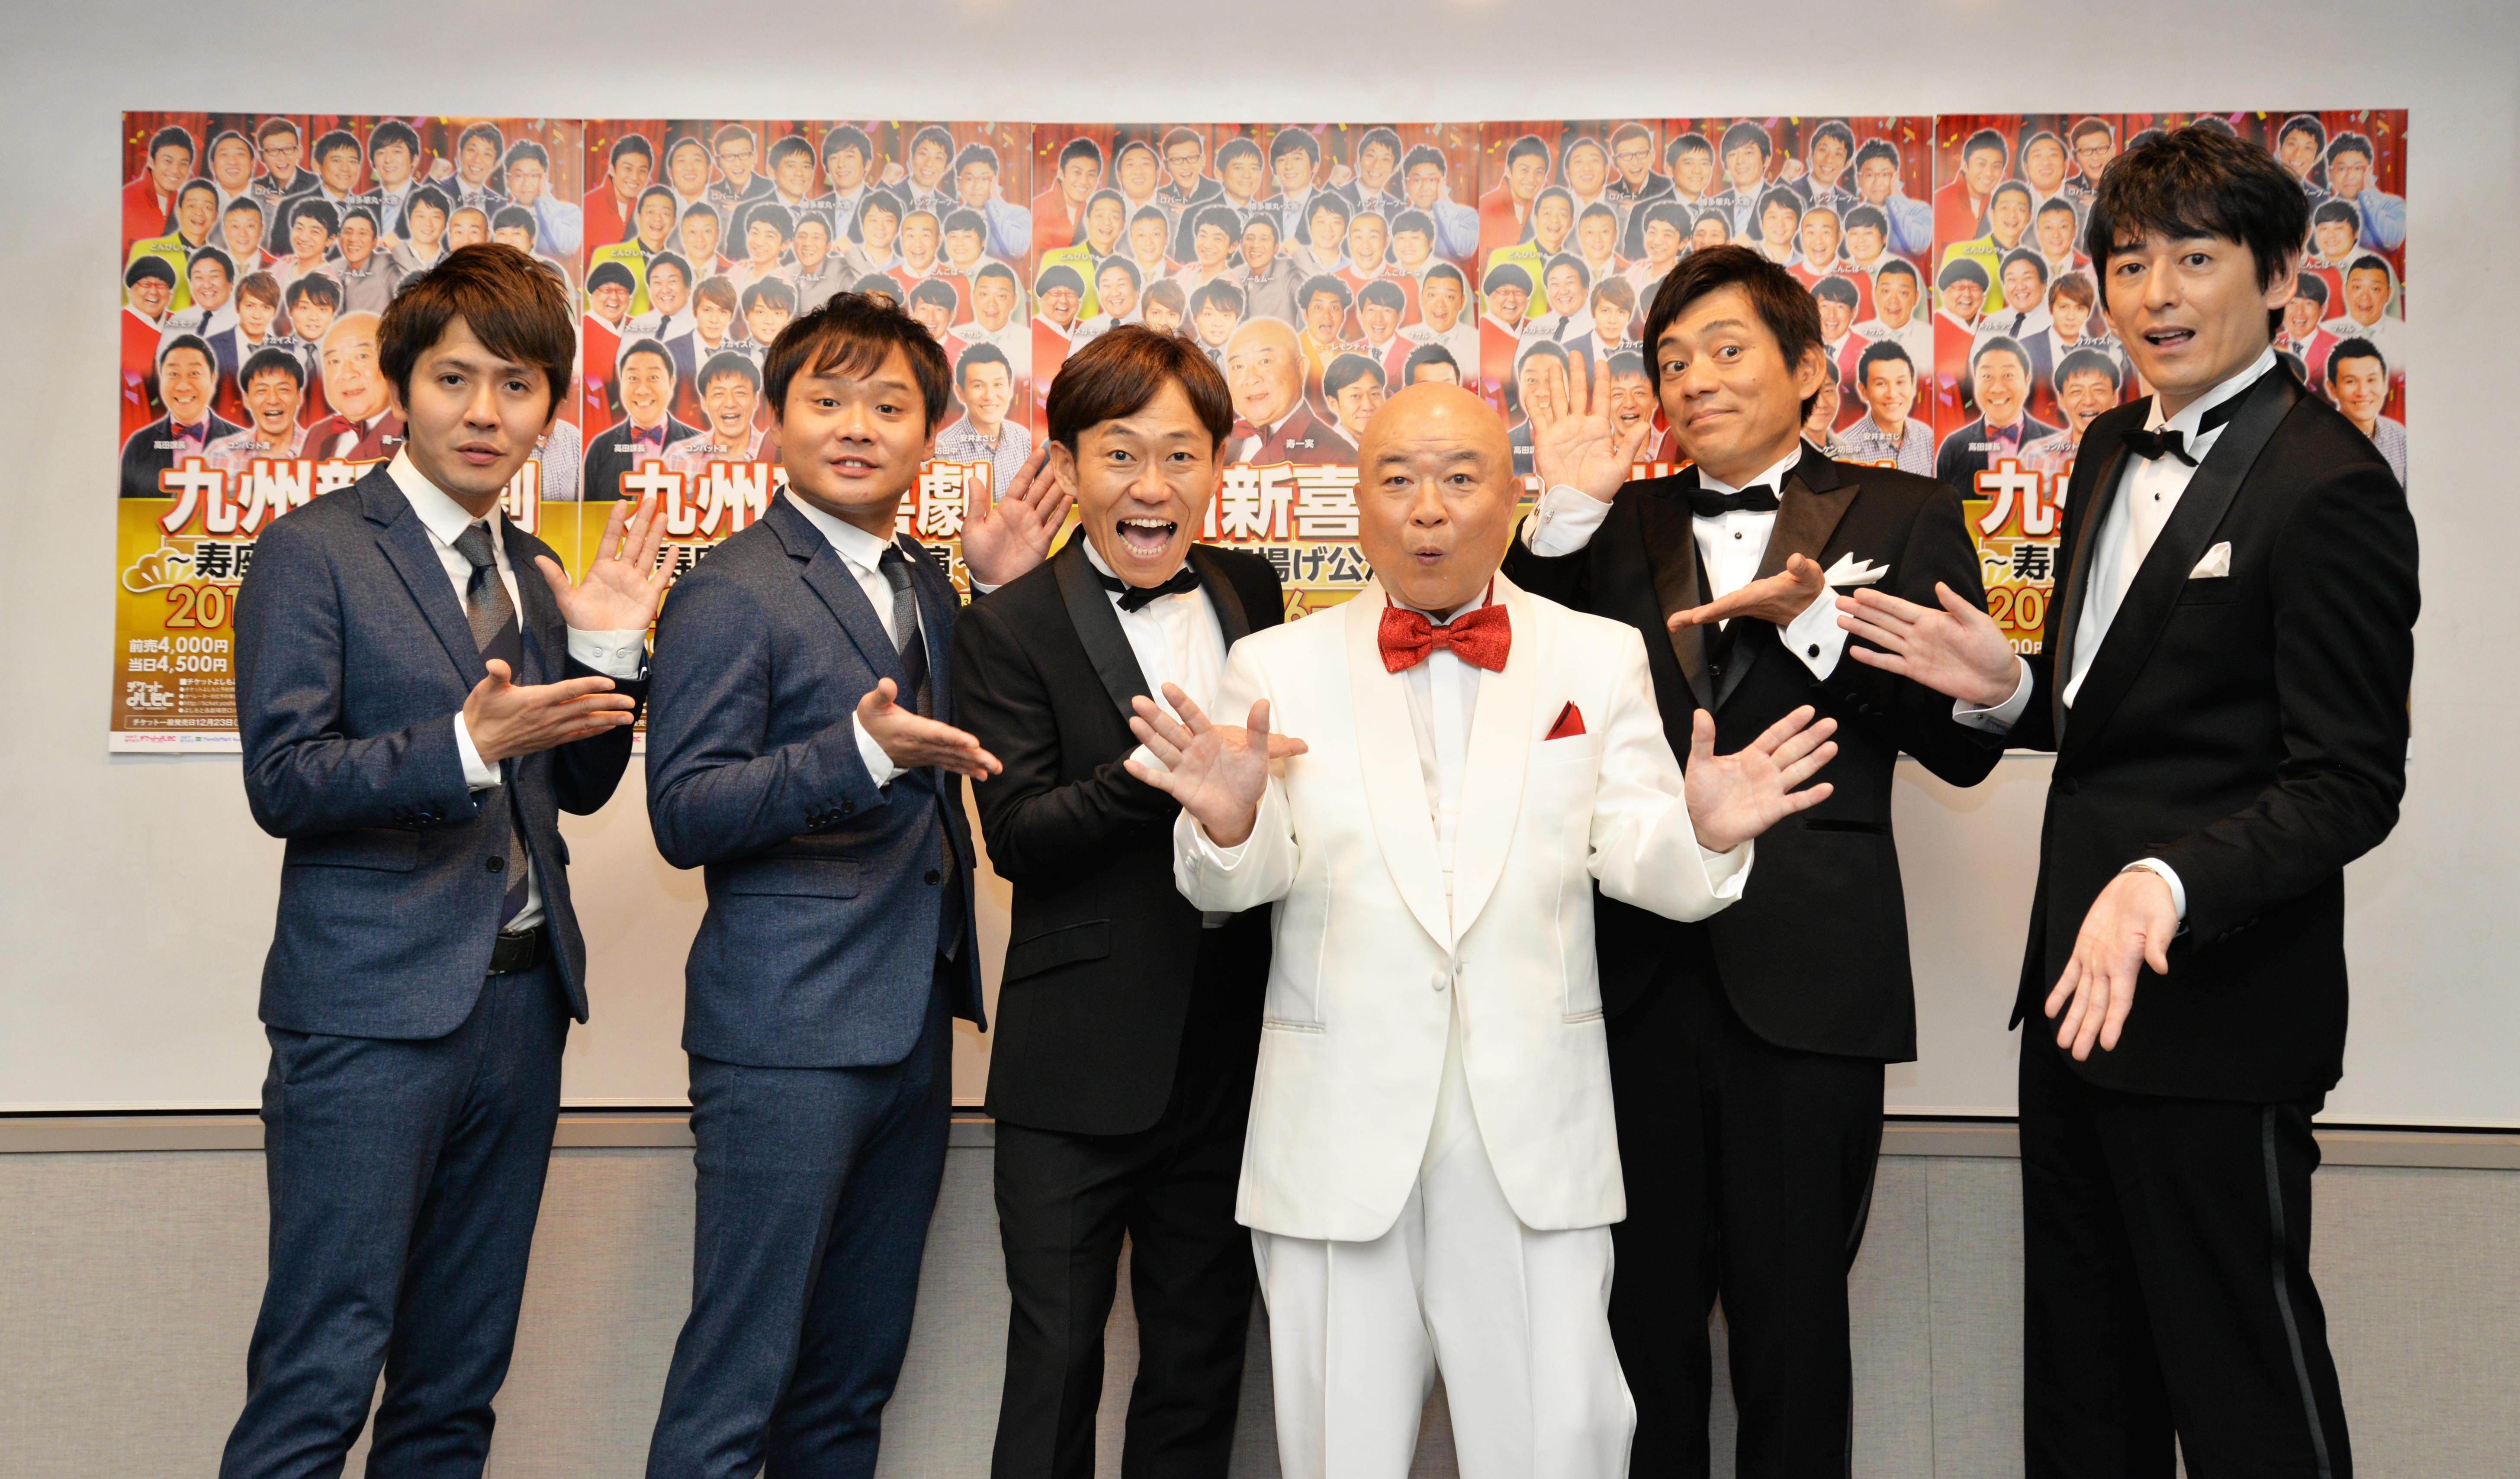 http://news.yoshimoto.co.jp/20171211103207-7cf048847ce7252deae994dfb03e072841fd91c2.jpg